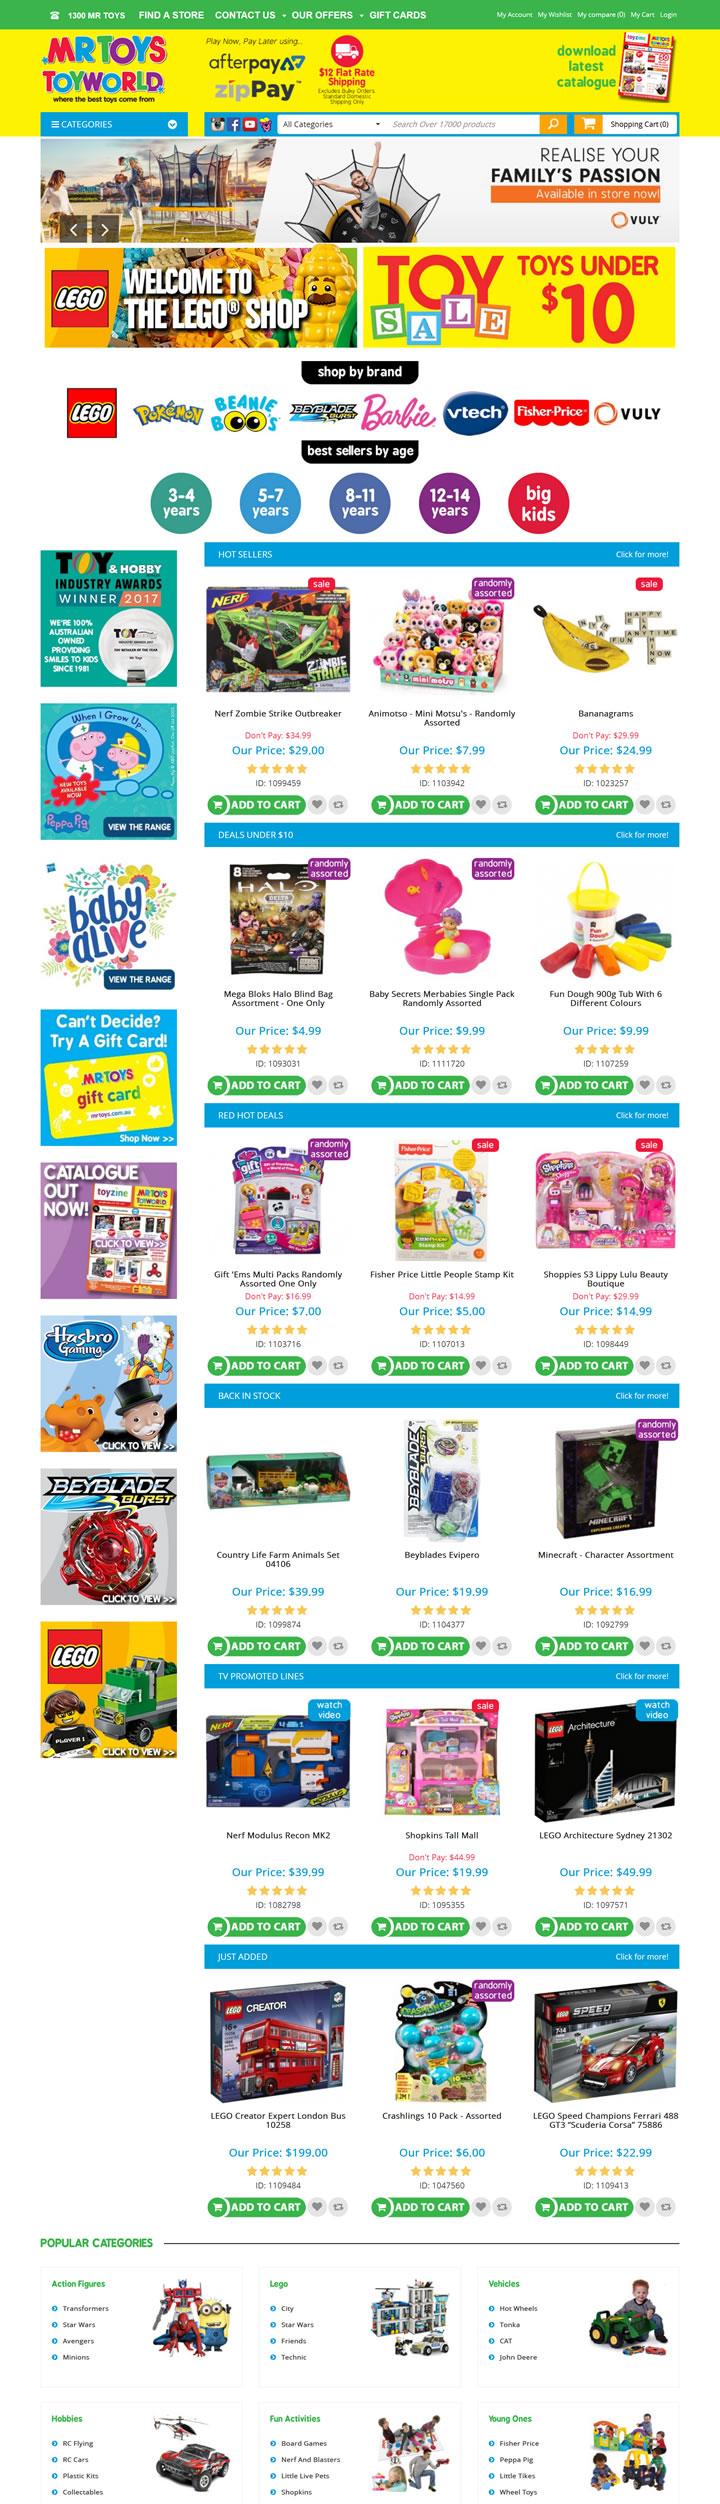 澳大利亚网上玩具商店:Mr Toys Toyworld